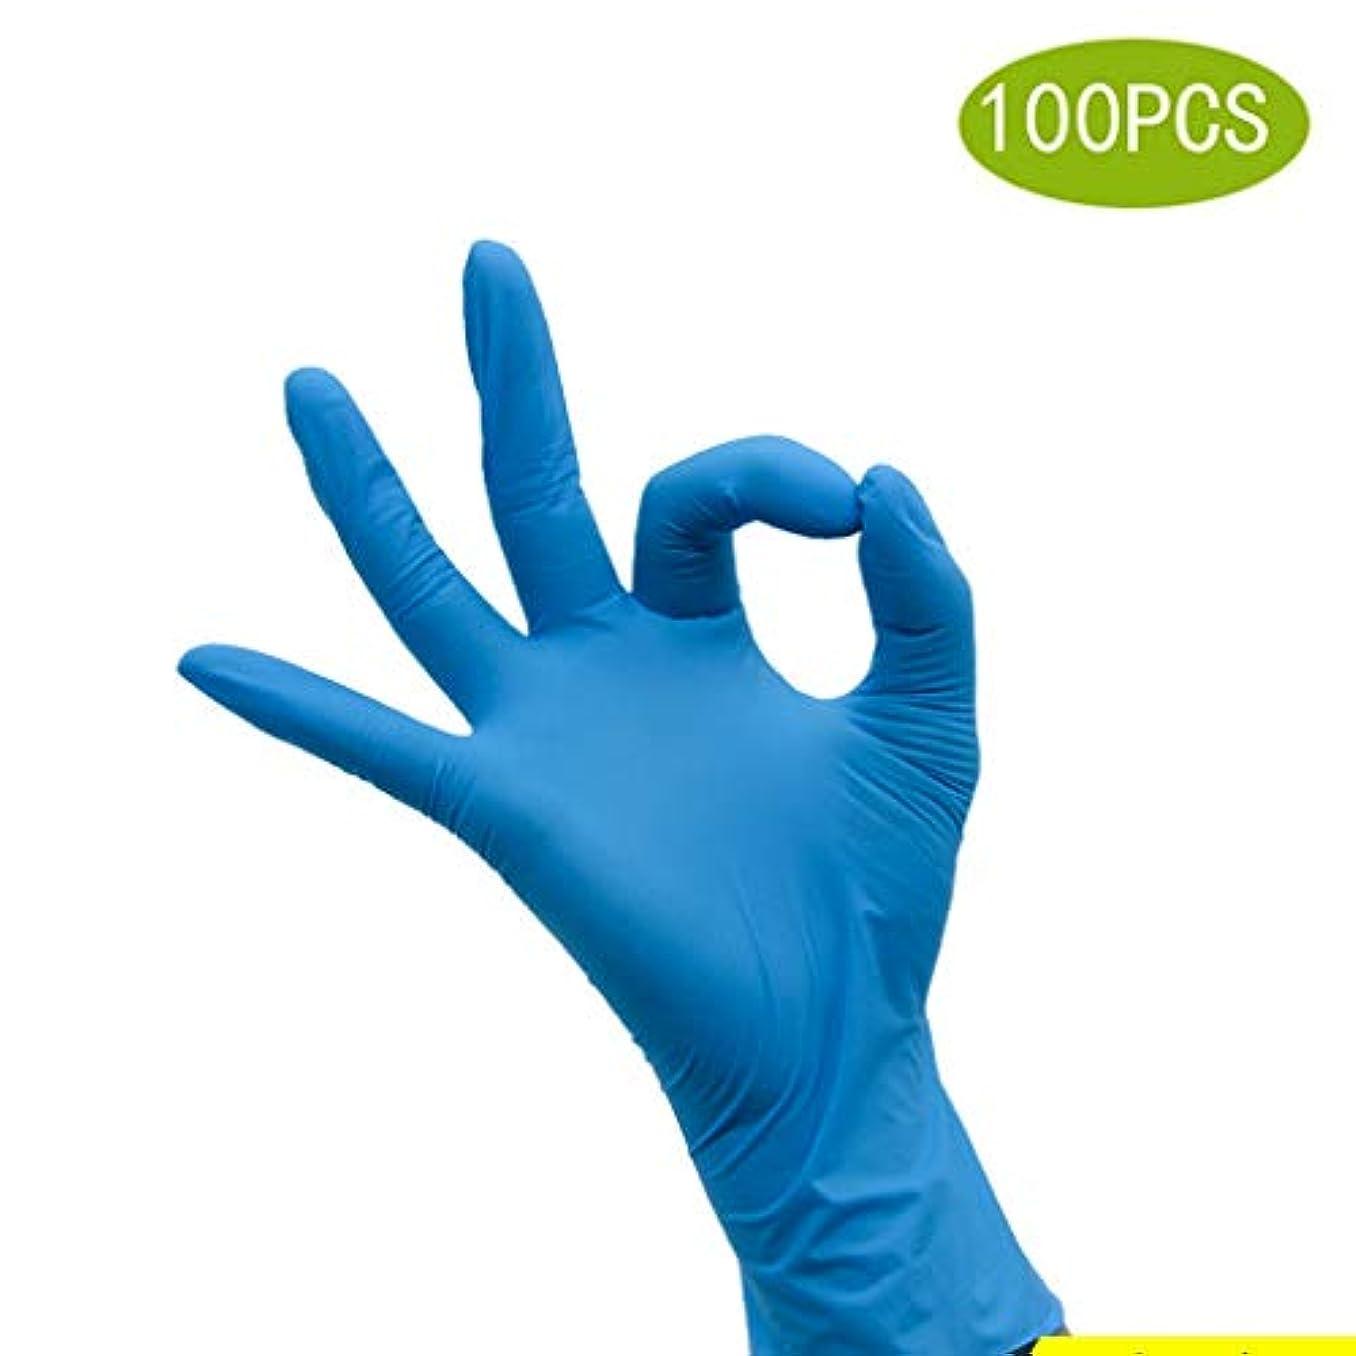 難破船葉を集めるスプレー使い捨て手袋食品ケータリング手術丁清ゴムラテックススキンキッチン厚い試験ケータリング美容実験、使い捨て手袋ディスペンサー[100個] (Color : Blue, Size : L)